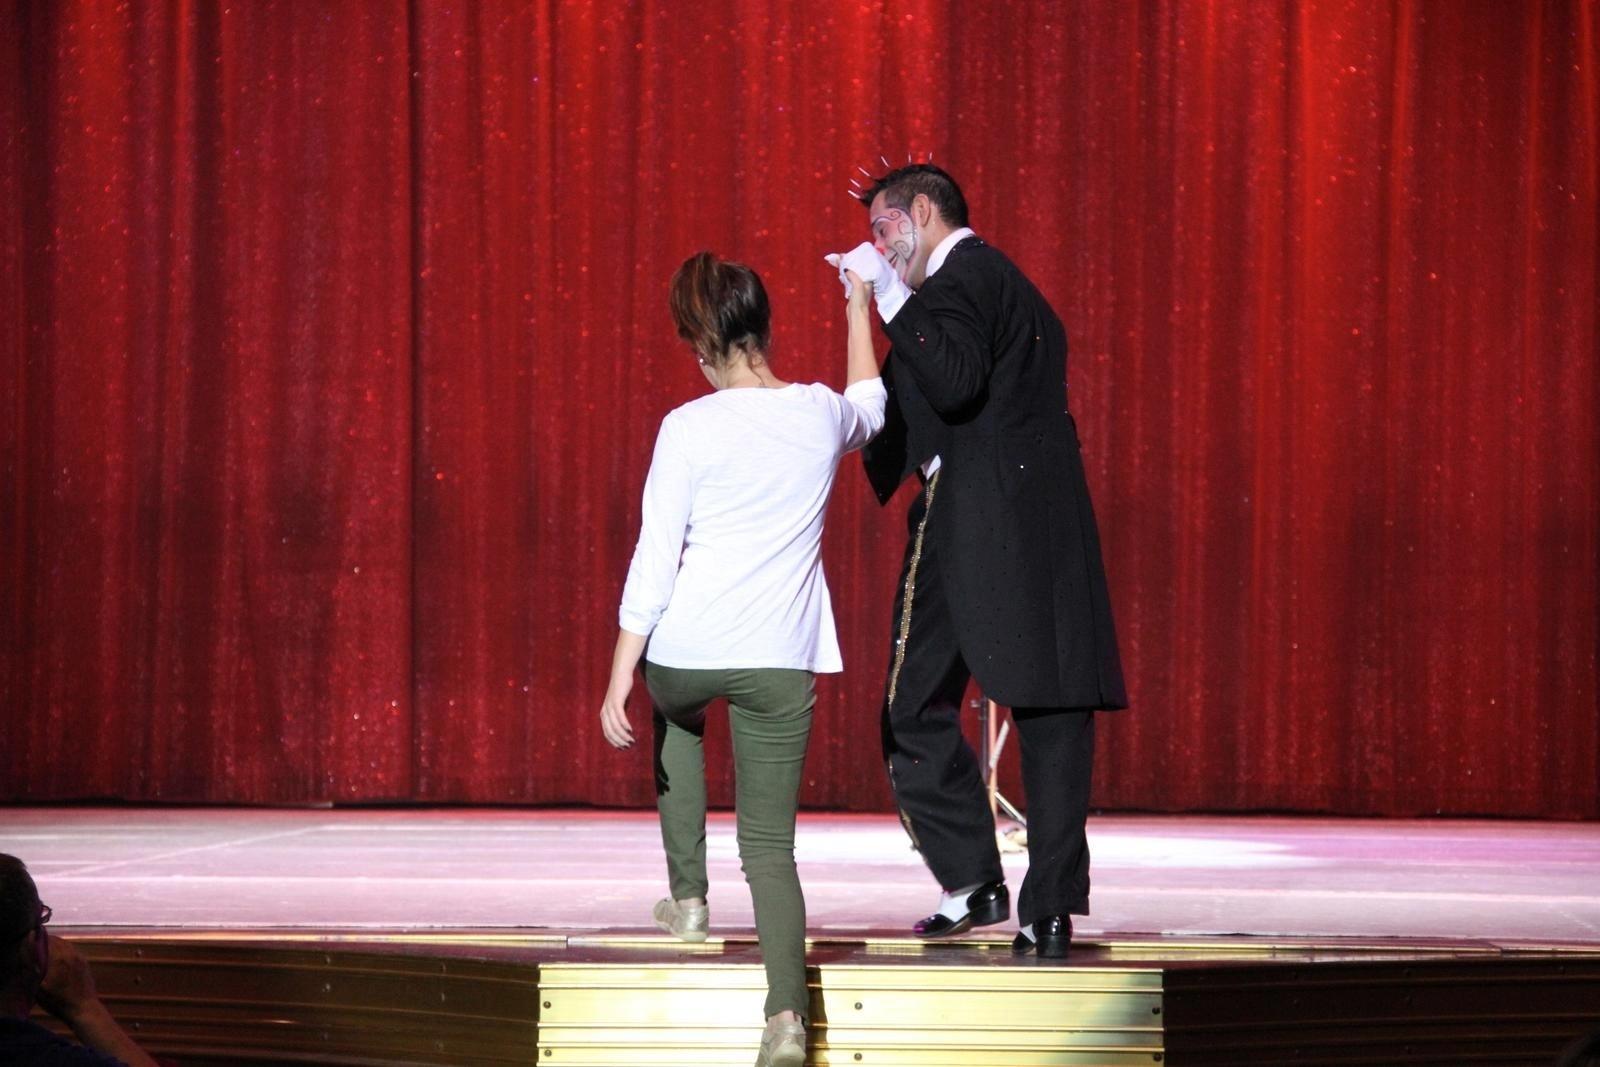 18.set.2013 - Fernanda Paes Leme sobe ao palco durante apresentação do circo Tihany, na Barra da Tijuca, no Rio